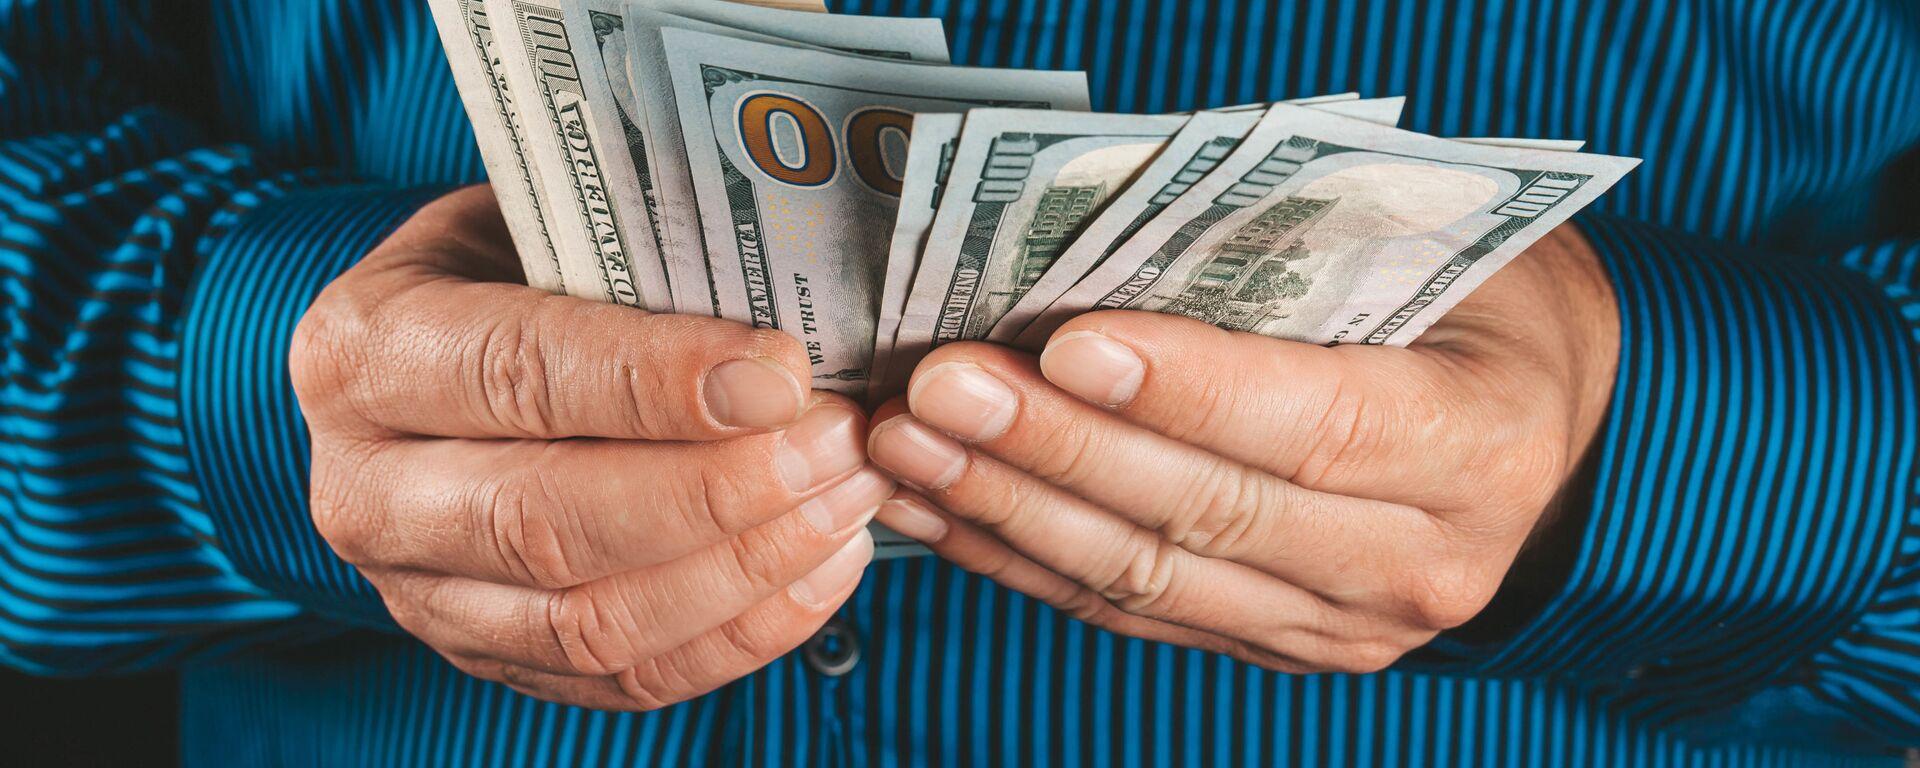 Доллары в руках - Sputnik Таджикистан, 1920, 23.12.2020